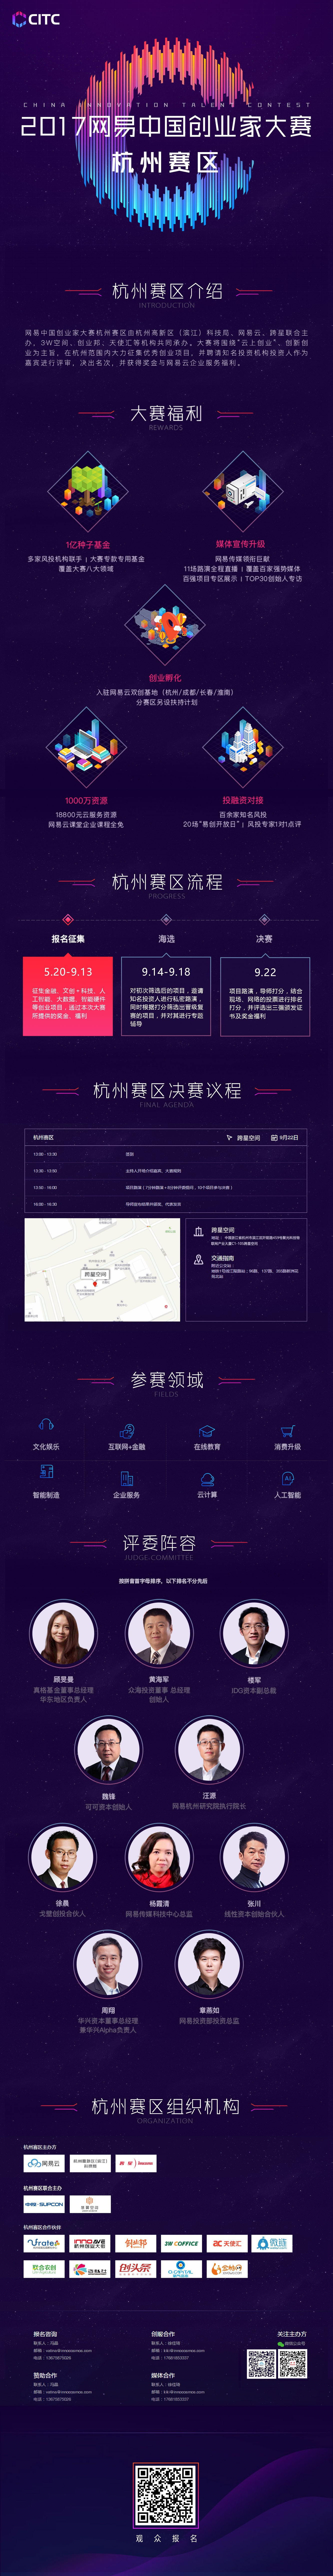 杭州赛区宣传图(更新).jpg